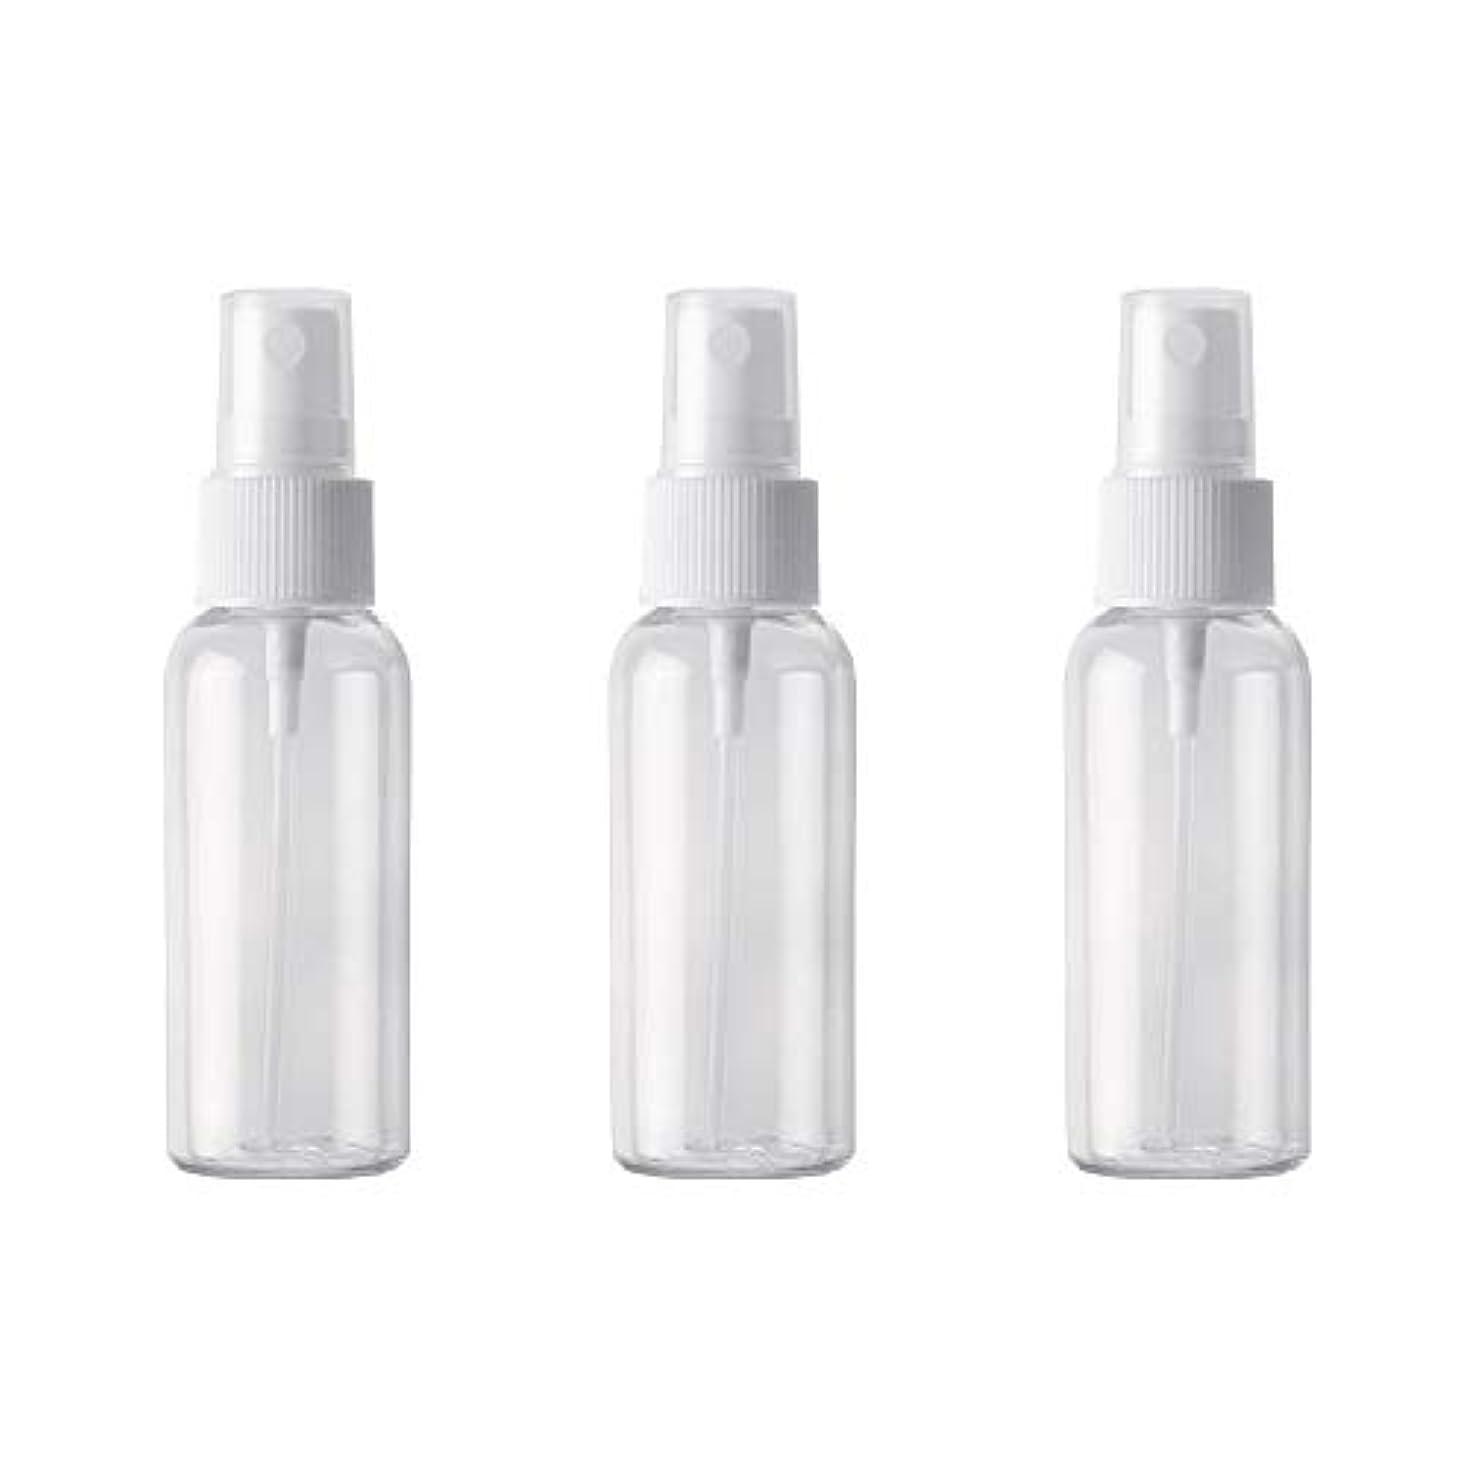 宣言するジャムはしごFlymylion 小分けボトル スプレーボトル 50ml おしゃれ 空ボトル 3本セット 環境保護の材料 PET素材 化粧水 詰替用ボトル 旅行用品